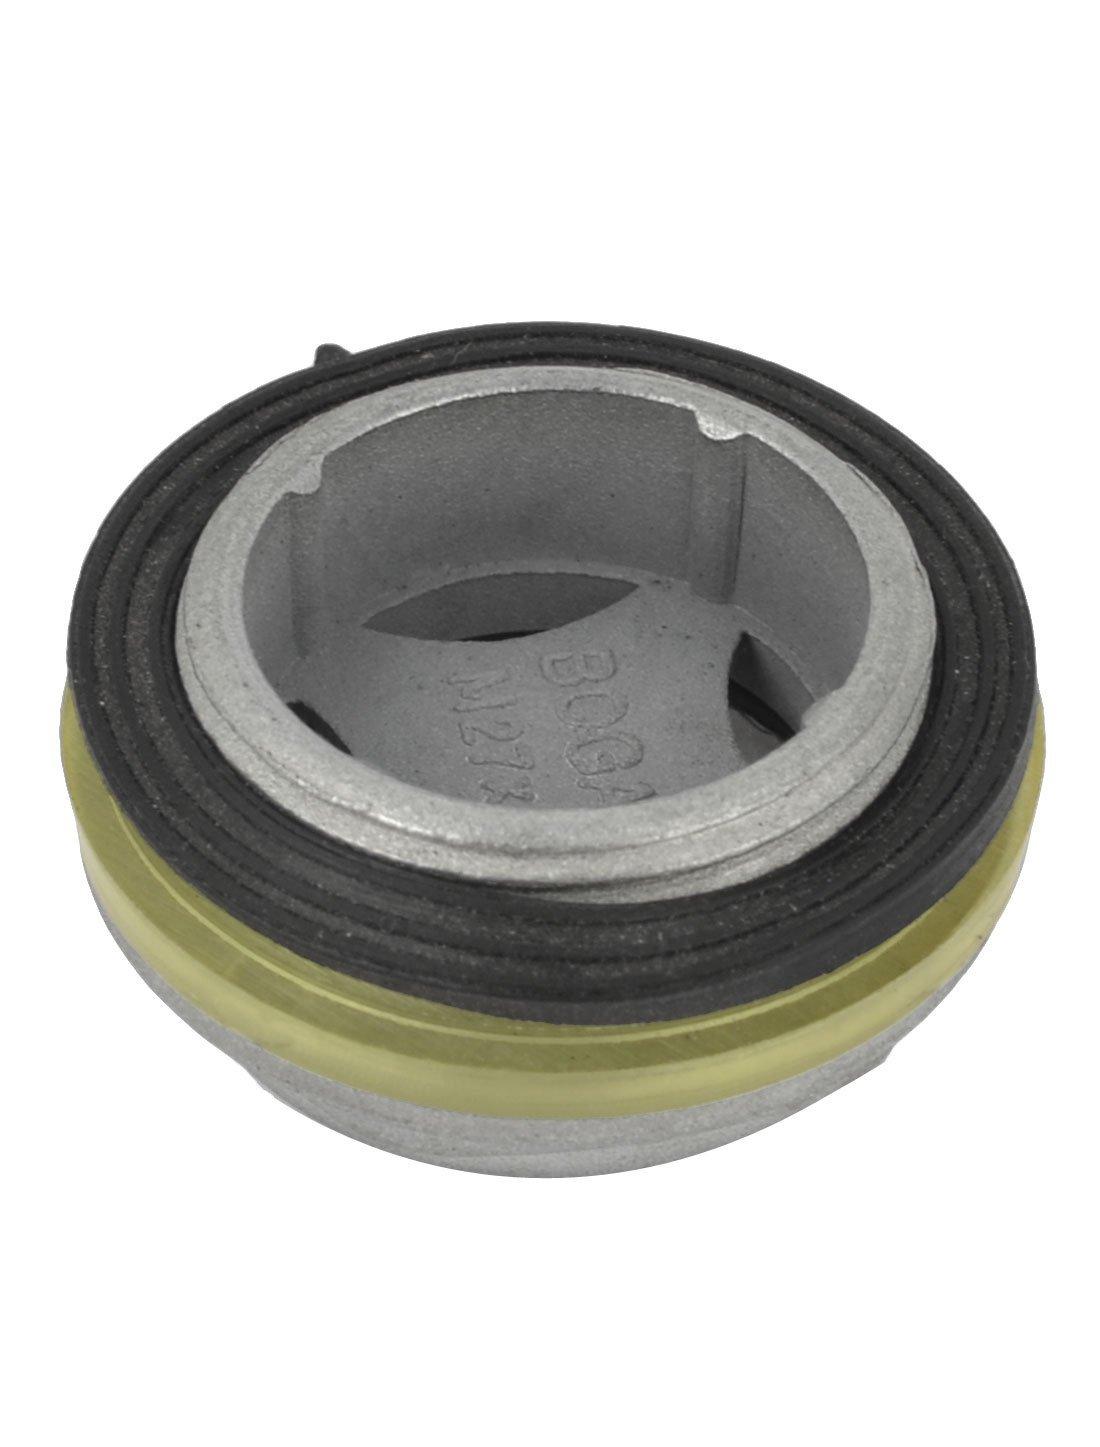 26mm rosca macho del compresor de aire líquido Mirilla de aceite Indicador de nivel: Amazon.es: Coche y moto